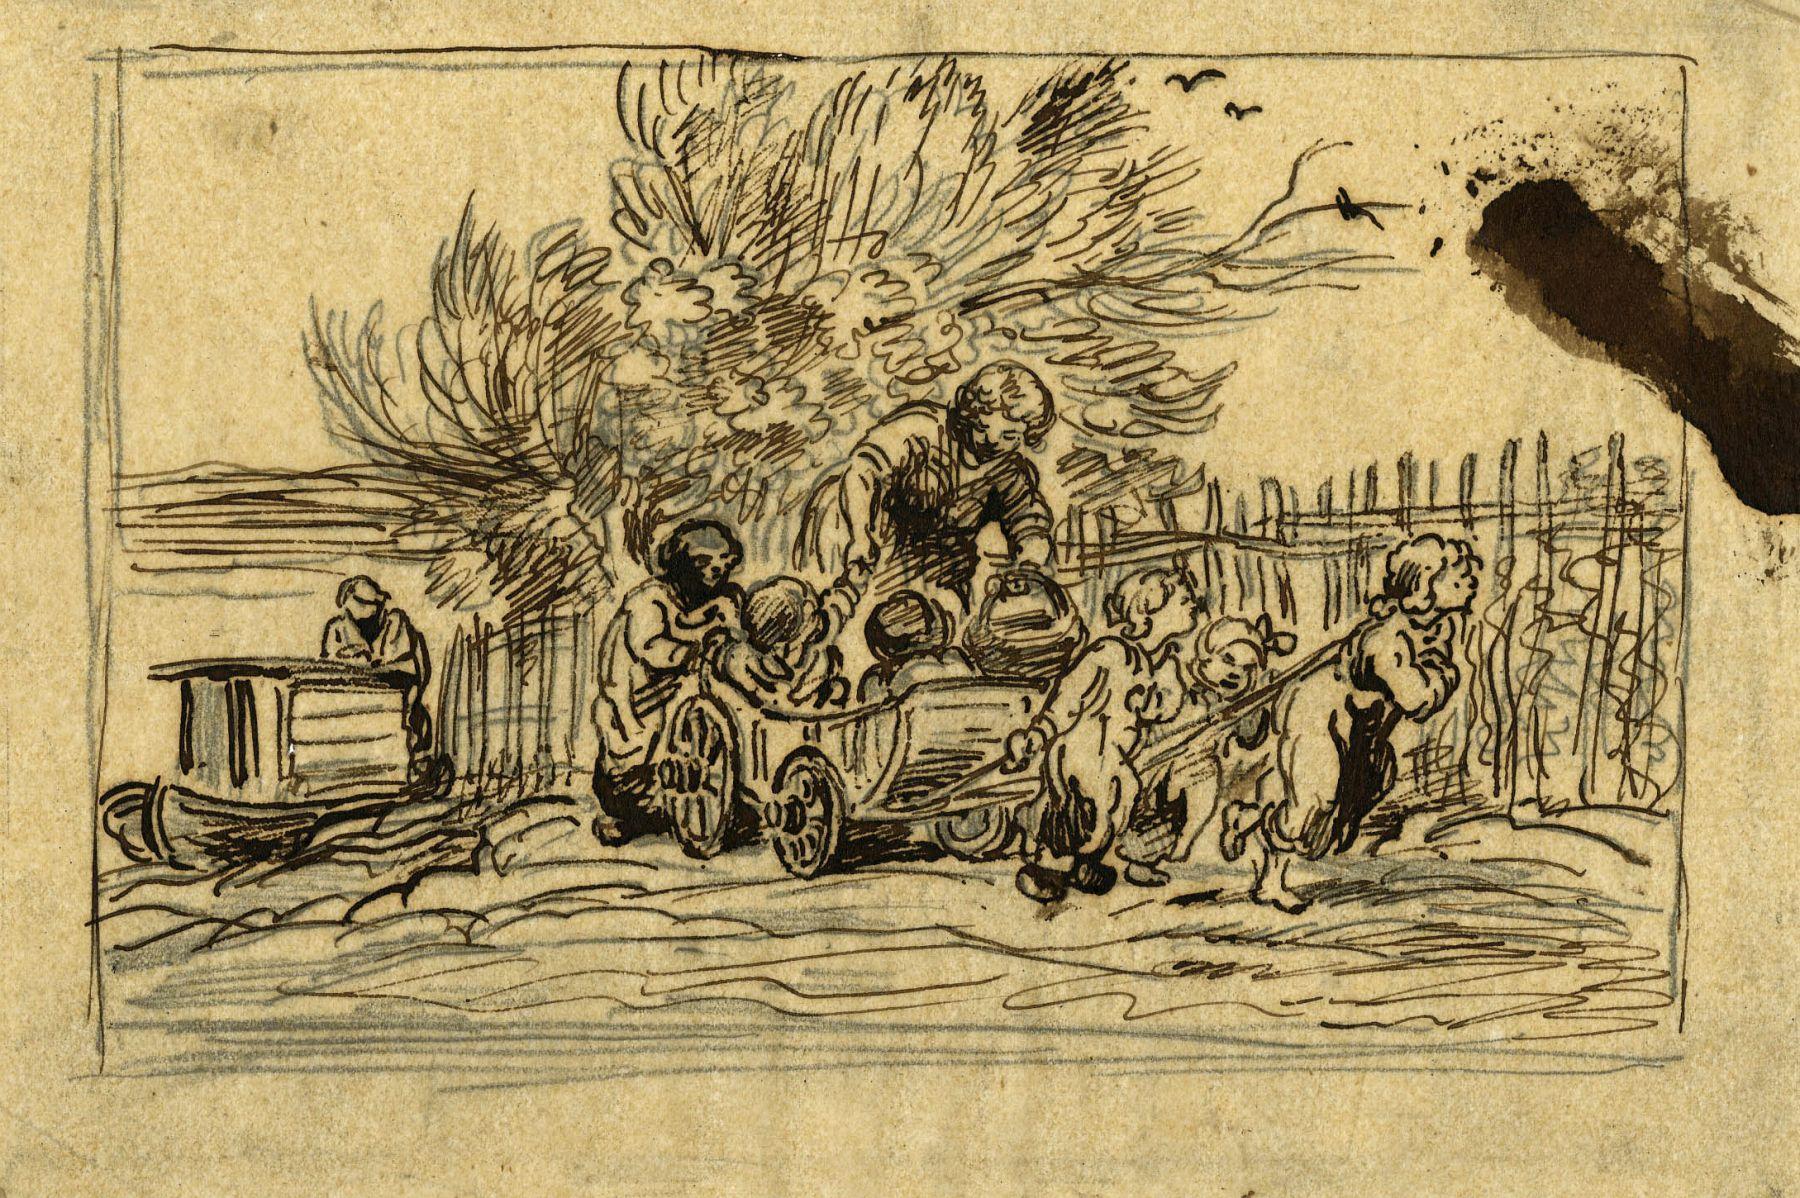 Charles F. Daubigny, L'Héritage de la voiture (les enfants à la voiture)    Pen and ink on papier calque 4 3/4 x 7 3/8 inches